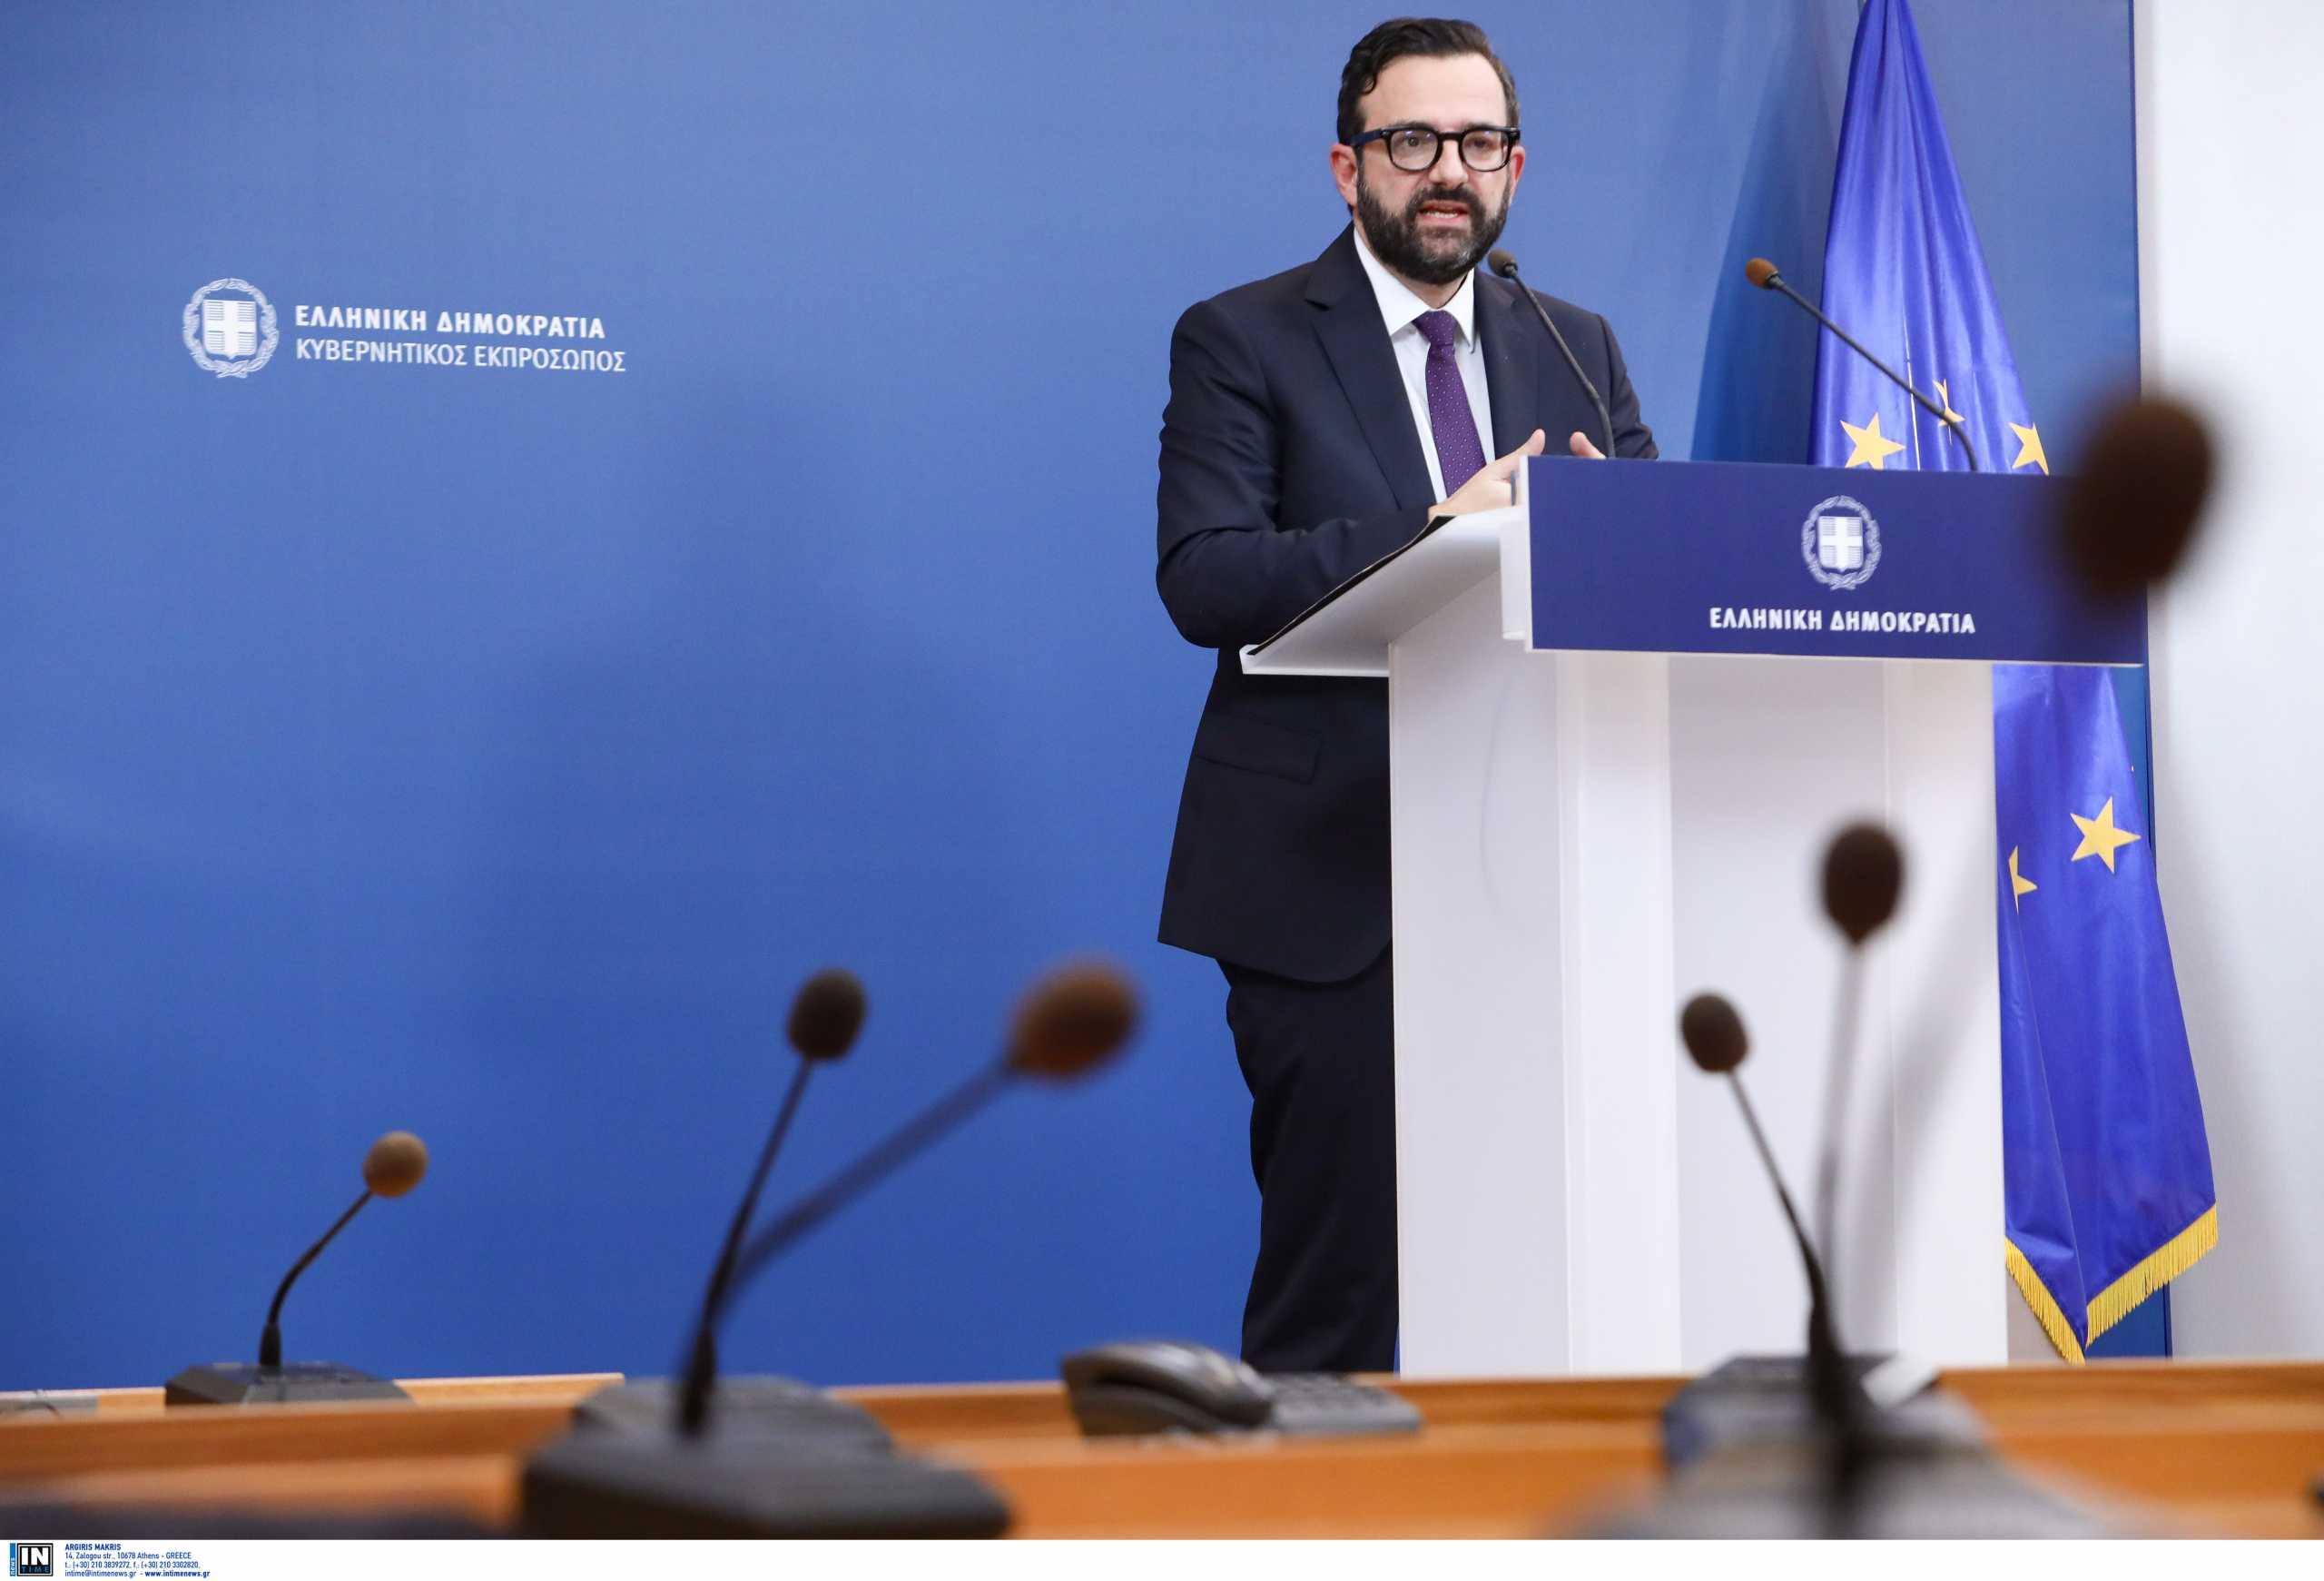 Ταραντίλης: Χυδαίο ο Τσίπρας να κατηγορεί για συγκάλυψη καταγγελλόμενων